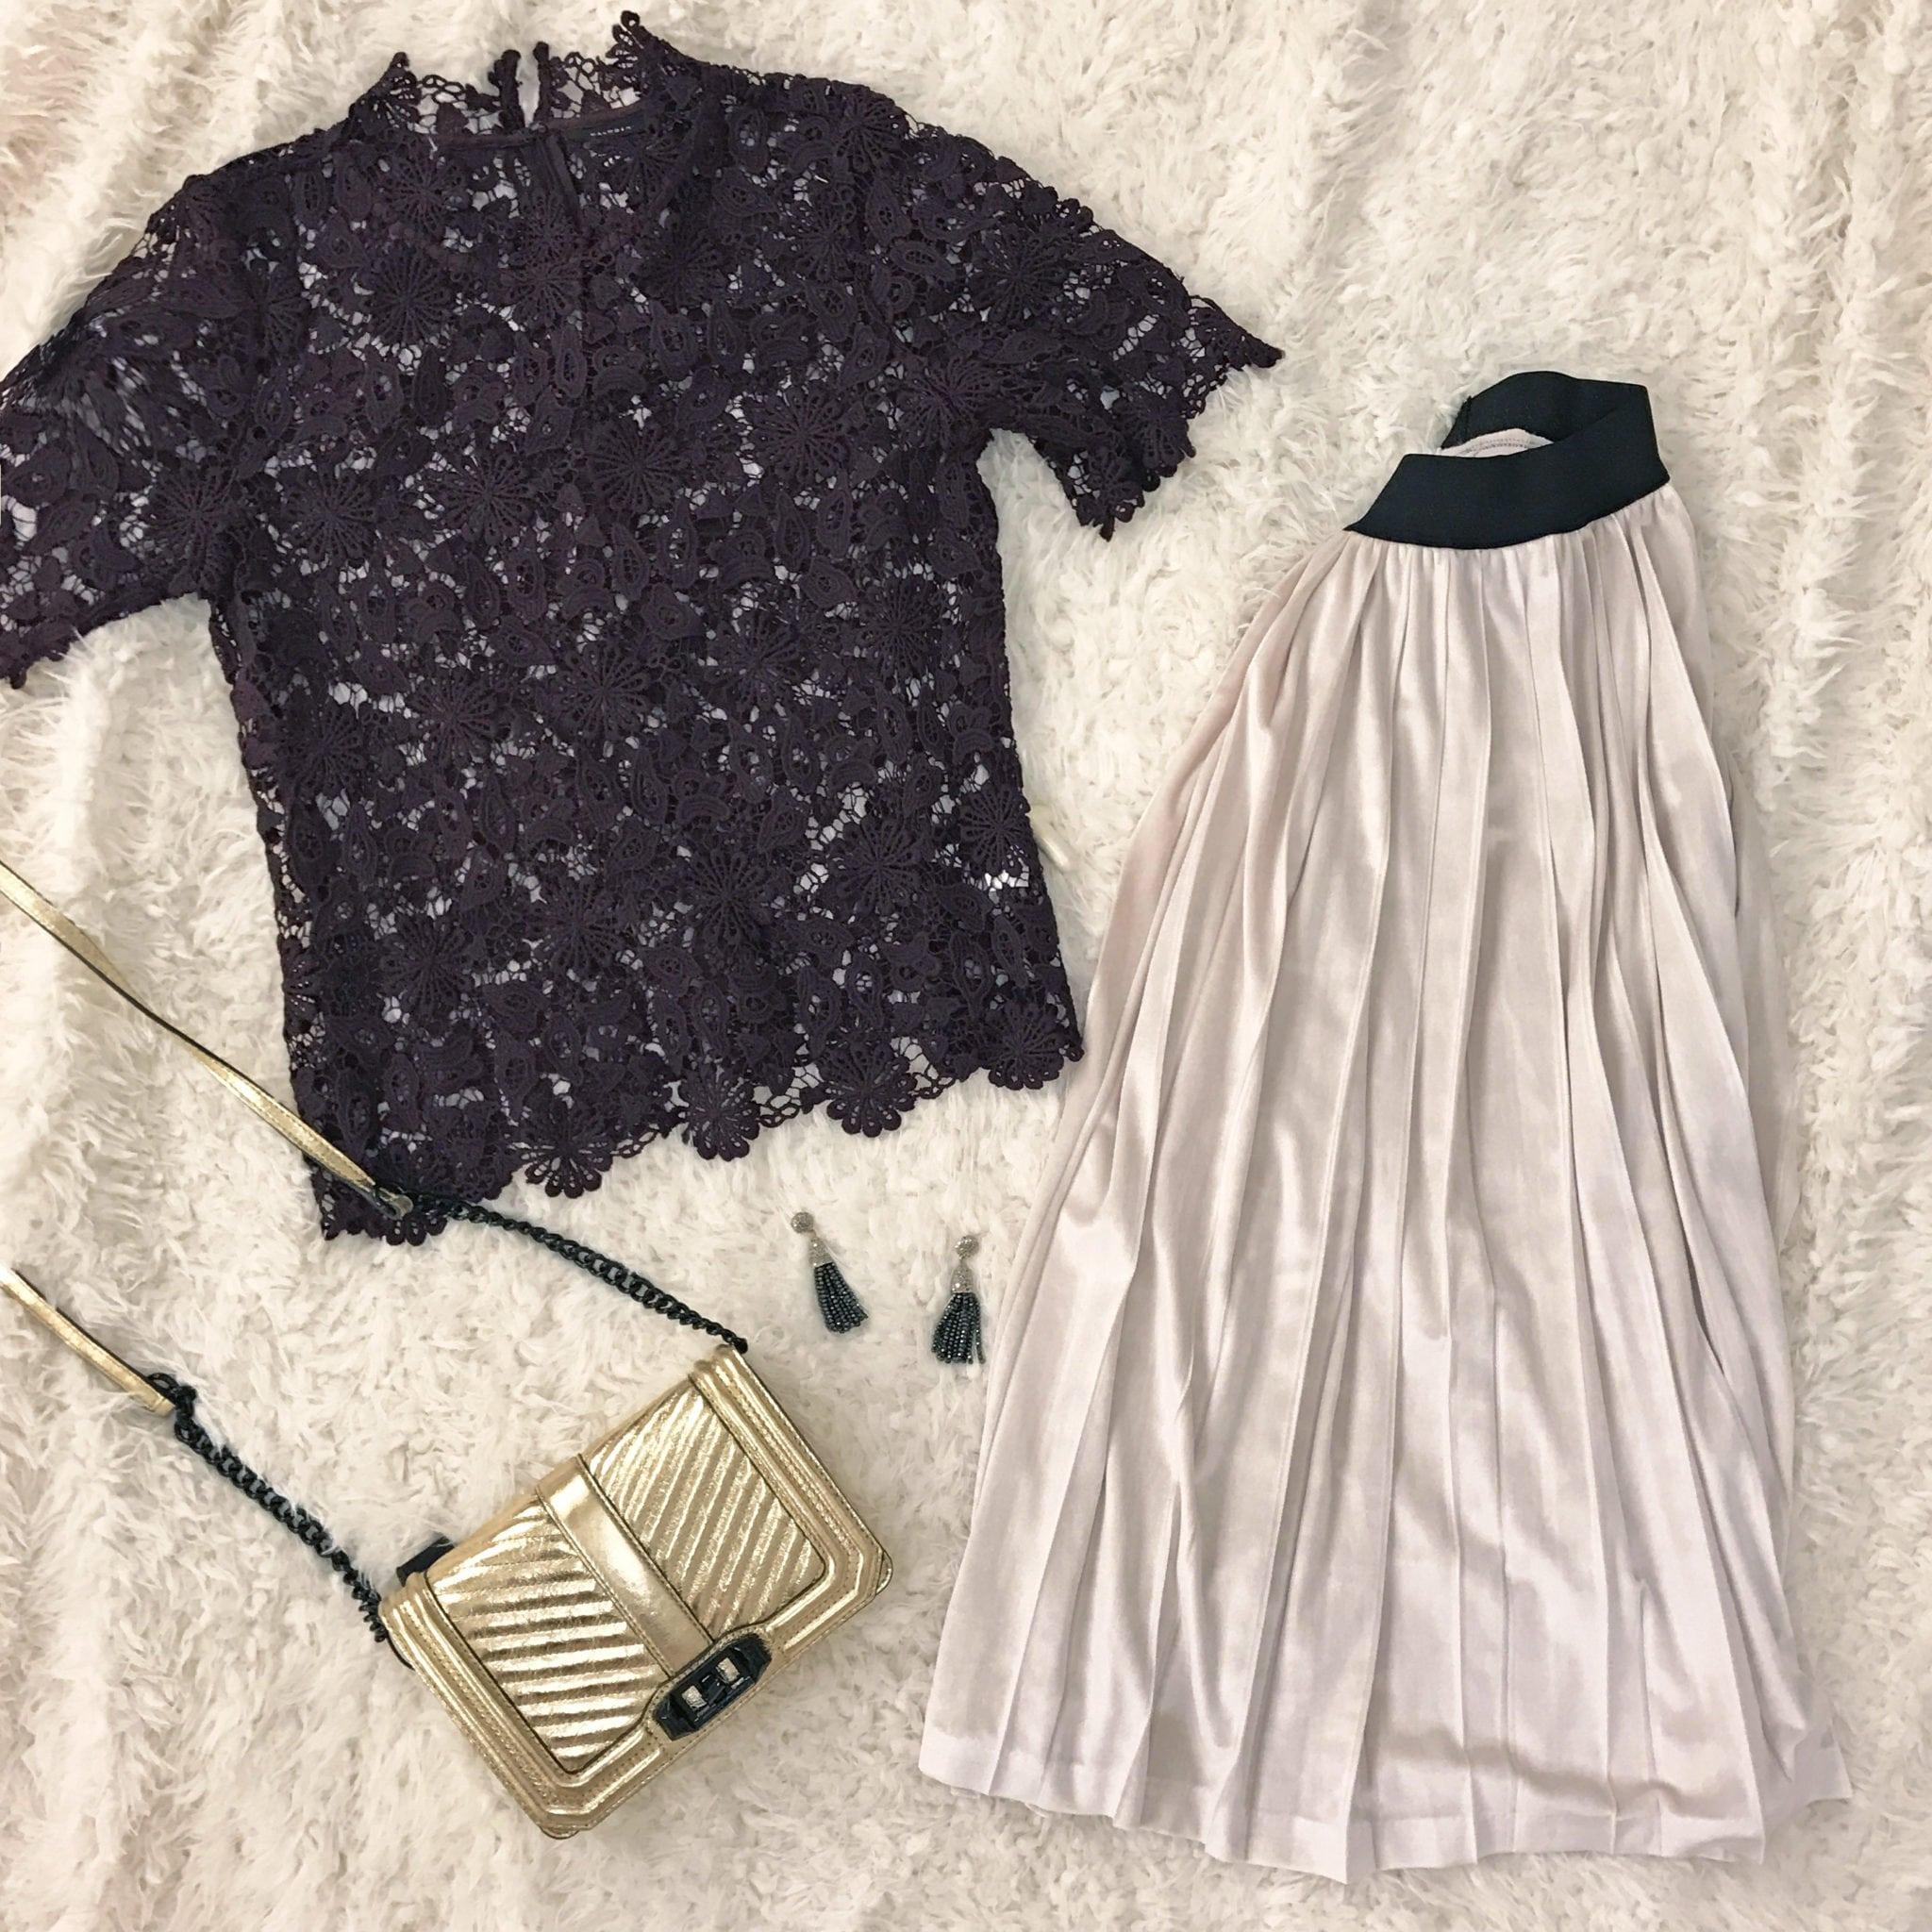 Nordstrom try on haul | beauty style blogger Mash Elle |  Nordstrom Anniversary Sale | skirt